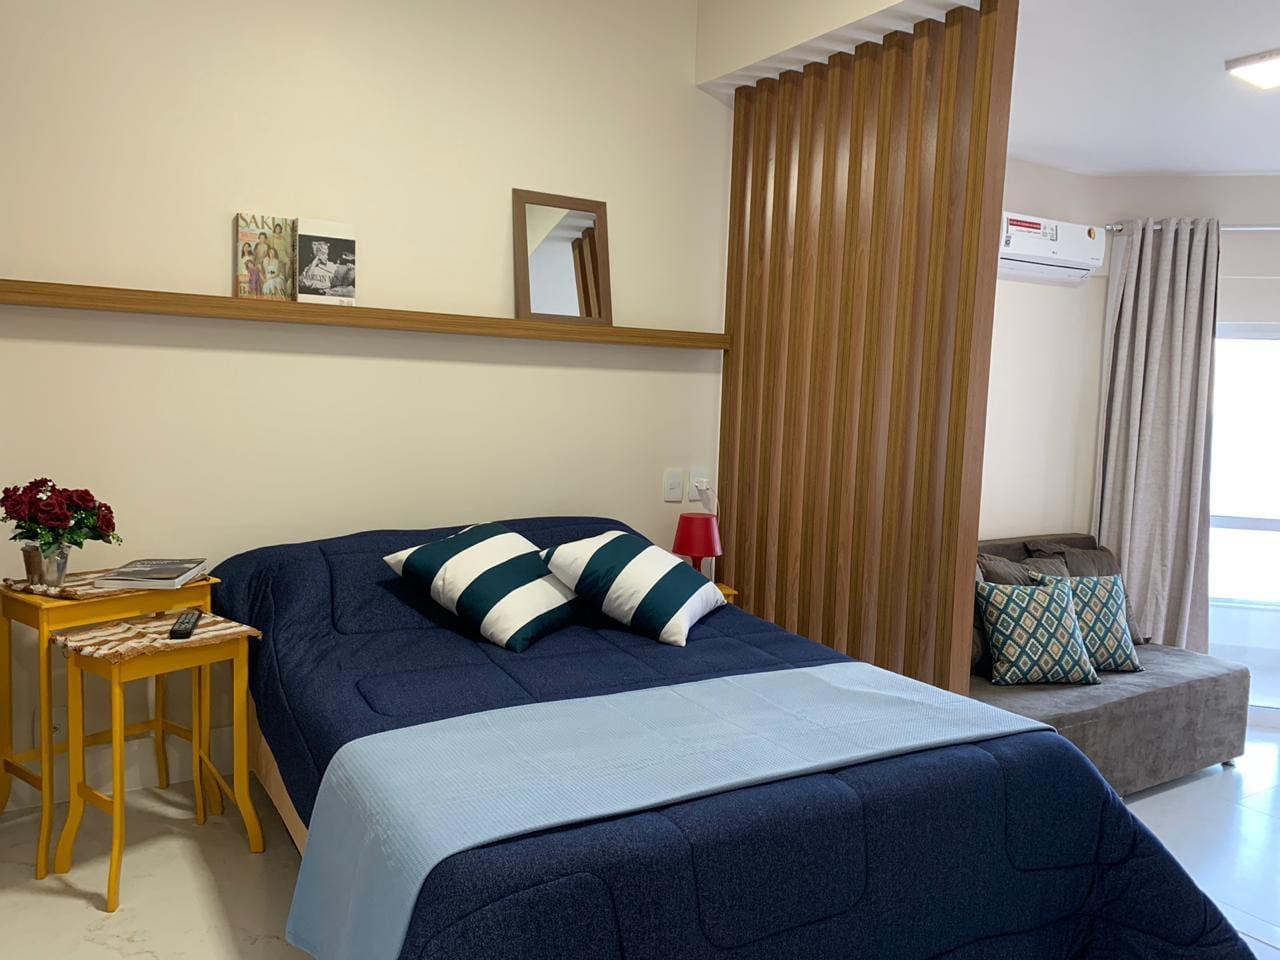 Apartamento Studio de frente para o mar, localizado na Avenida Oceânica. A 250 metros do Farol da Barra. Ar condicionado Split, Wifi, Smart TV, banheiro privativo, cozinha completa. Finamente decorado.